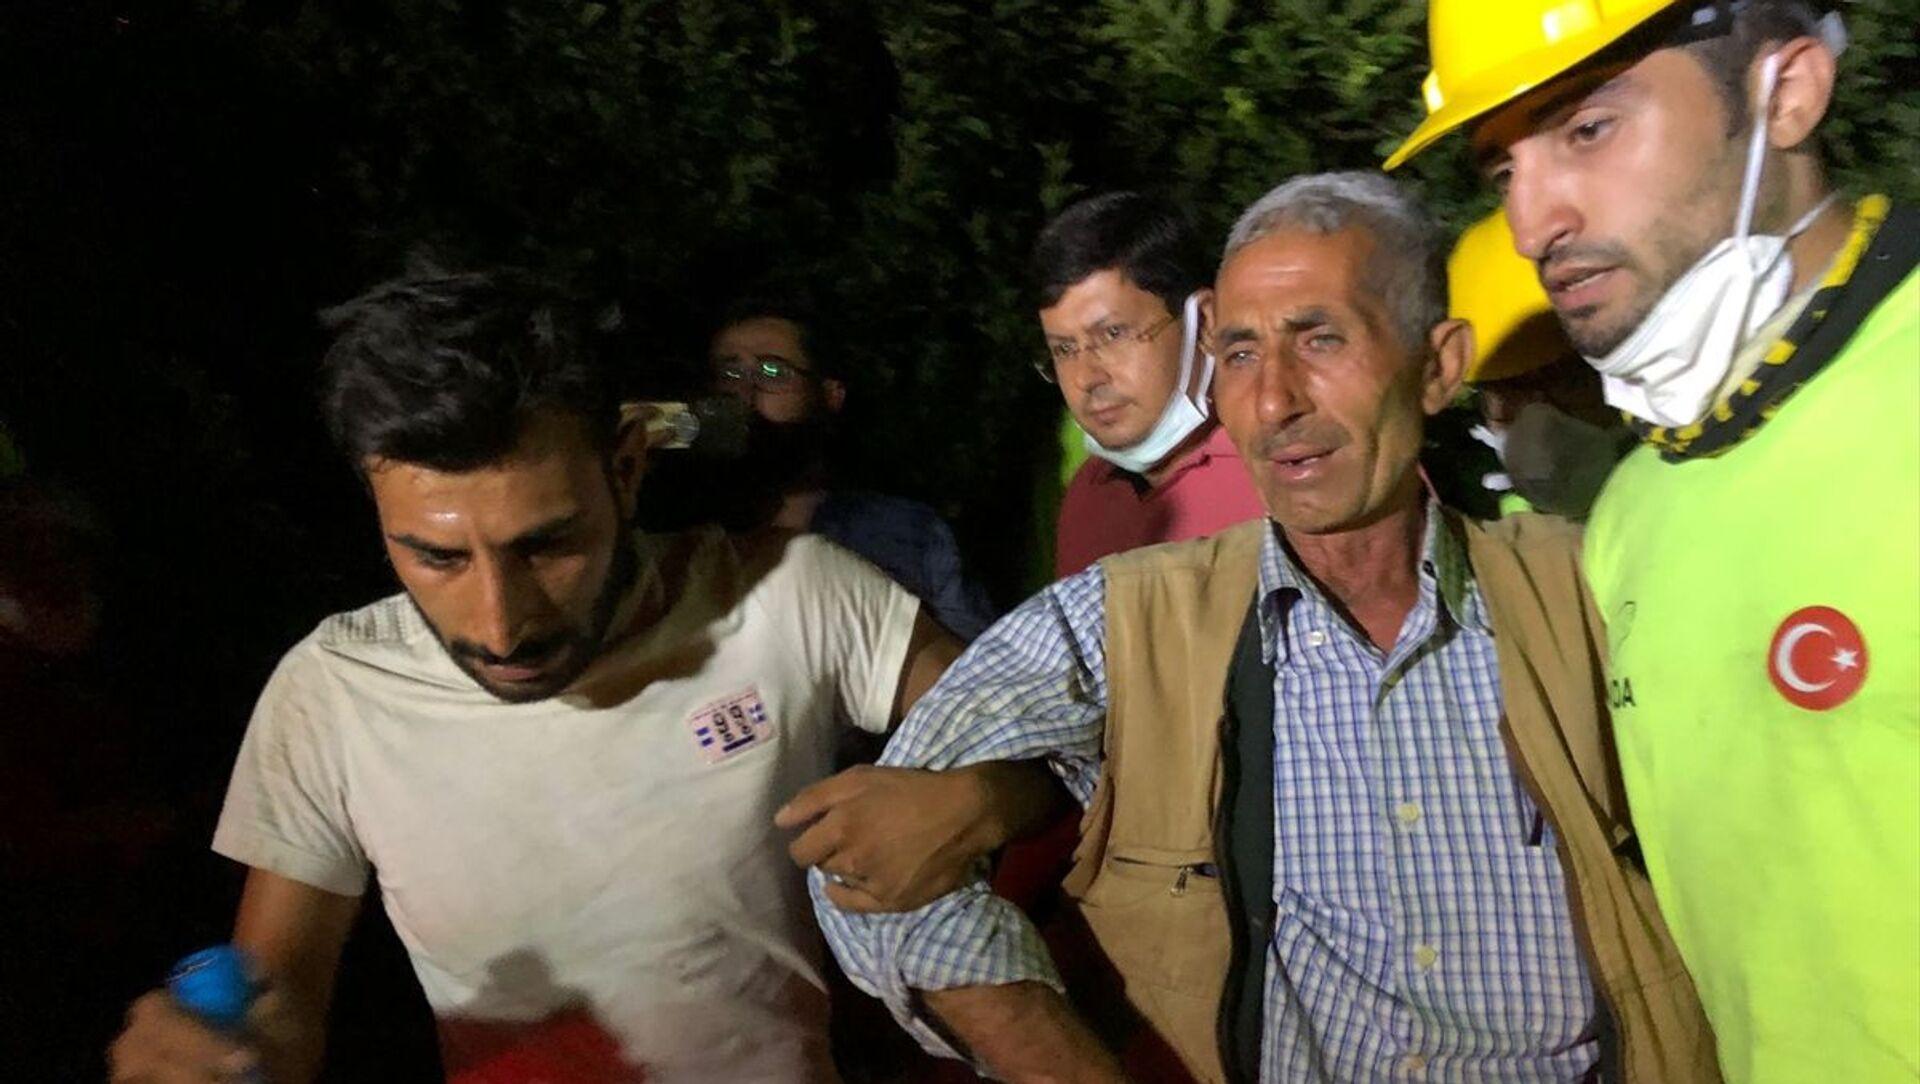 Aydın'daki orman yangınında evinde mahsur kalan kişi kurtarıldı - Sputnik Türkiye, 1920, 04.08.2021